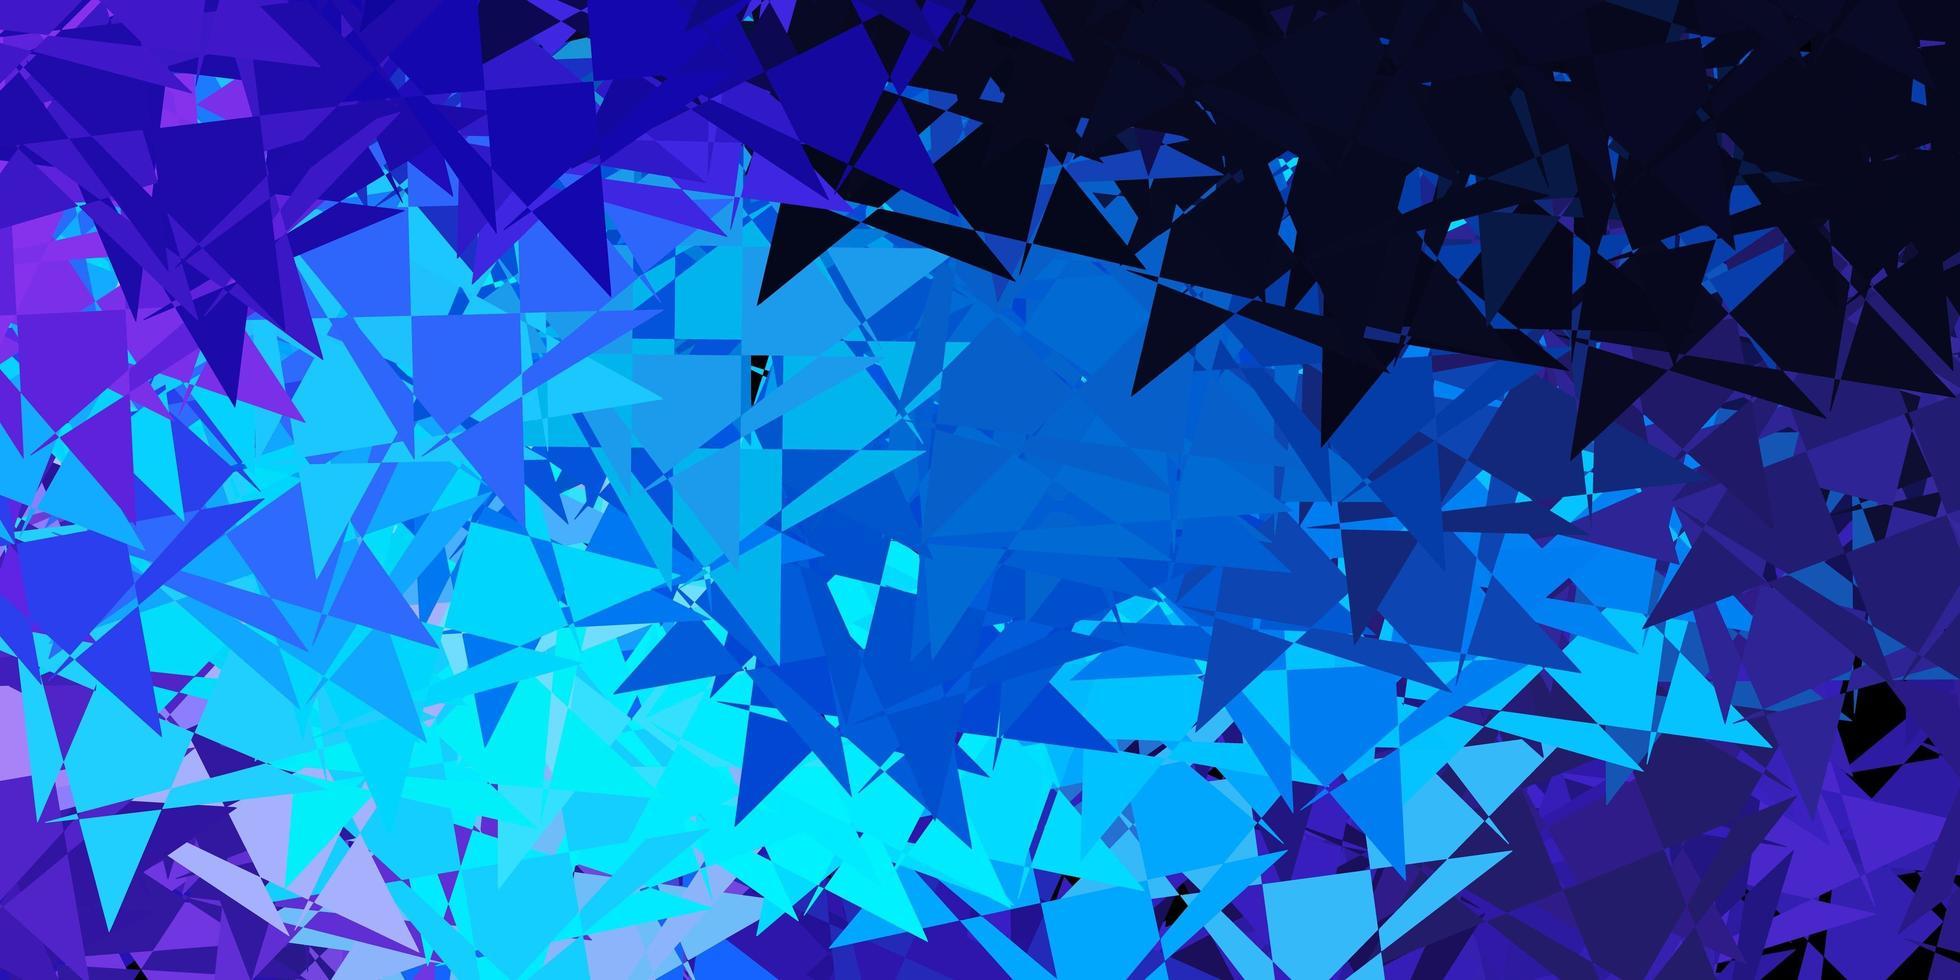 modello vettoriale rosa chiaro, blu con forme triangolari.